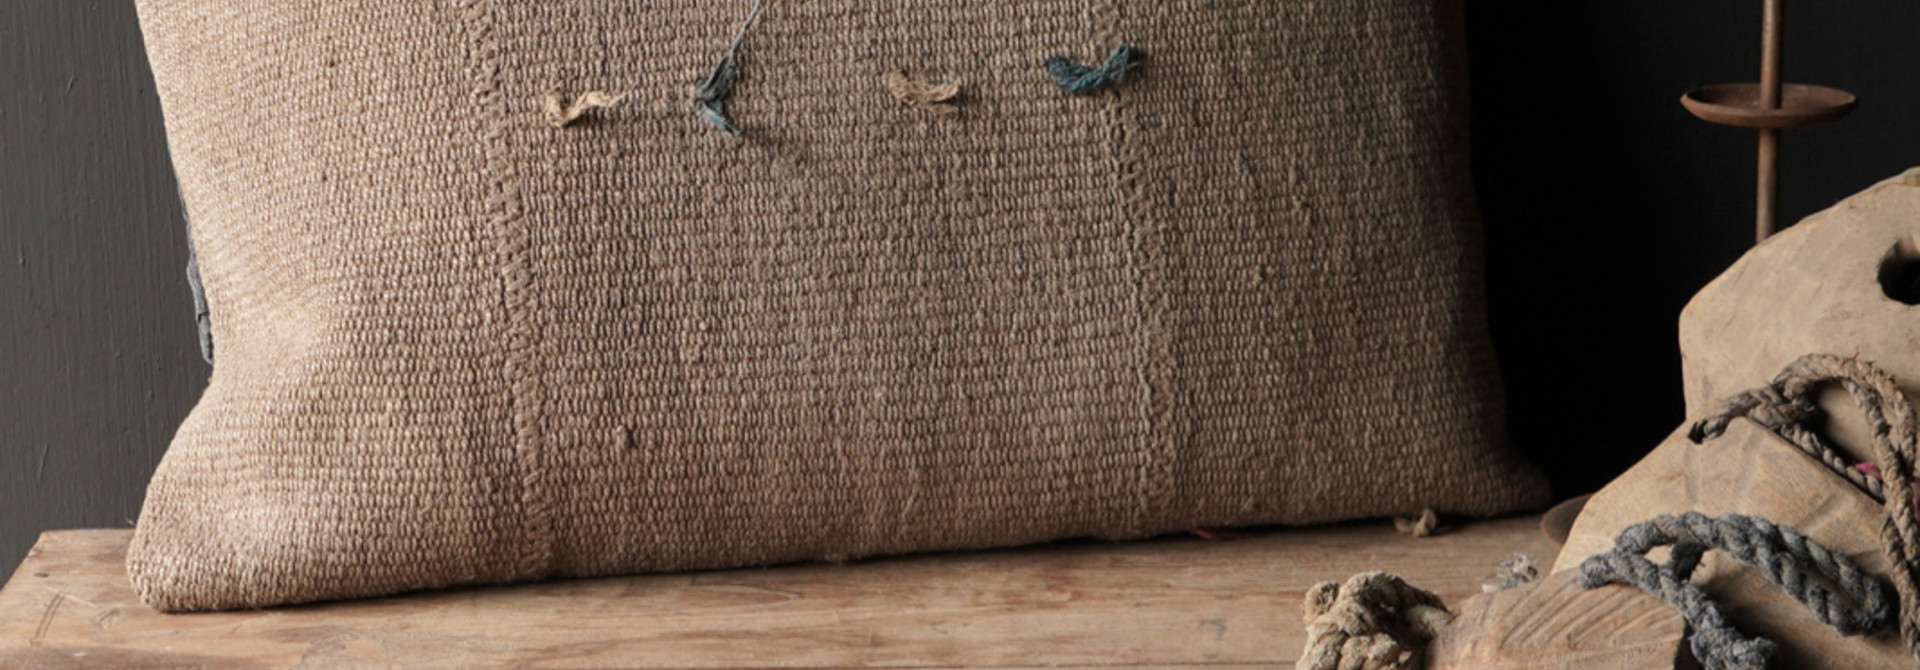 Hemp Kelim Cushion Handmade natural beige